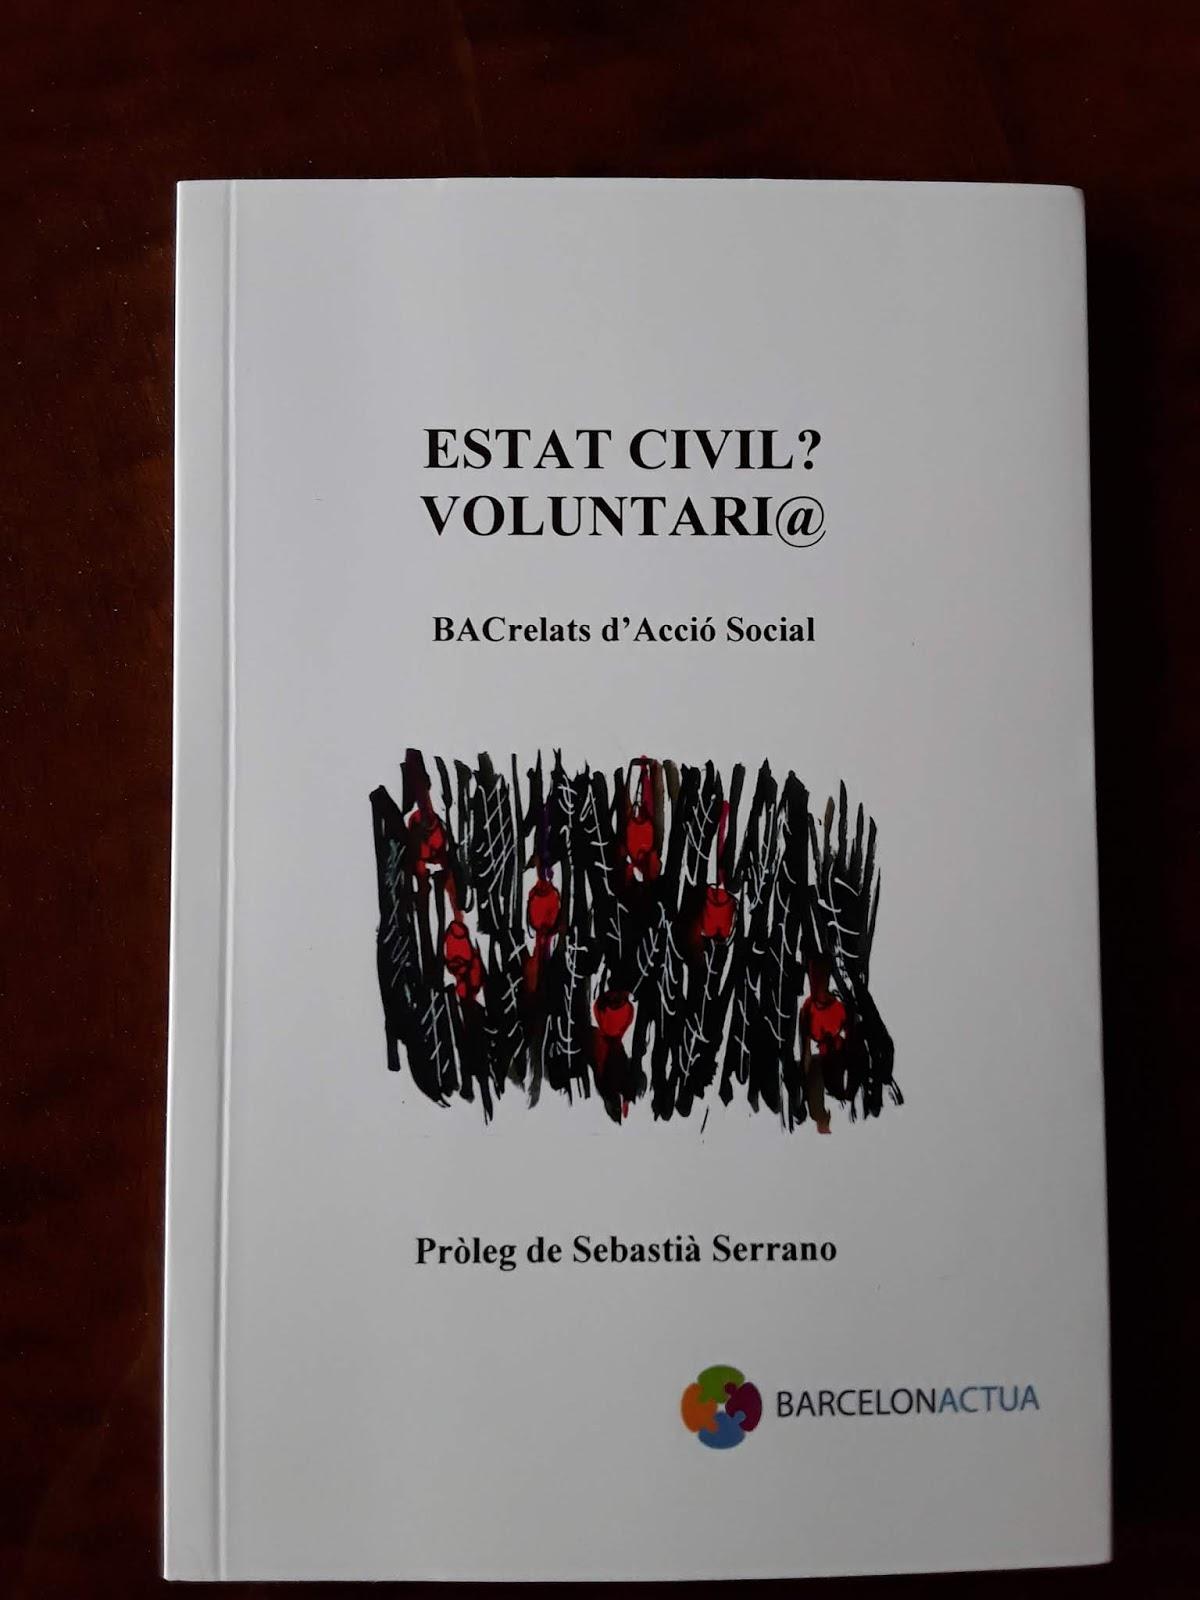 Premiado en el I Concurso de Relatos Breves Poémame y BarcelonActua